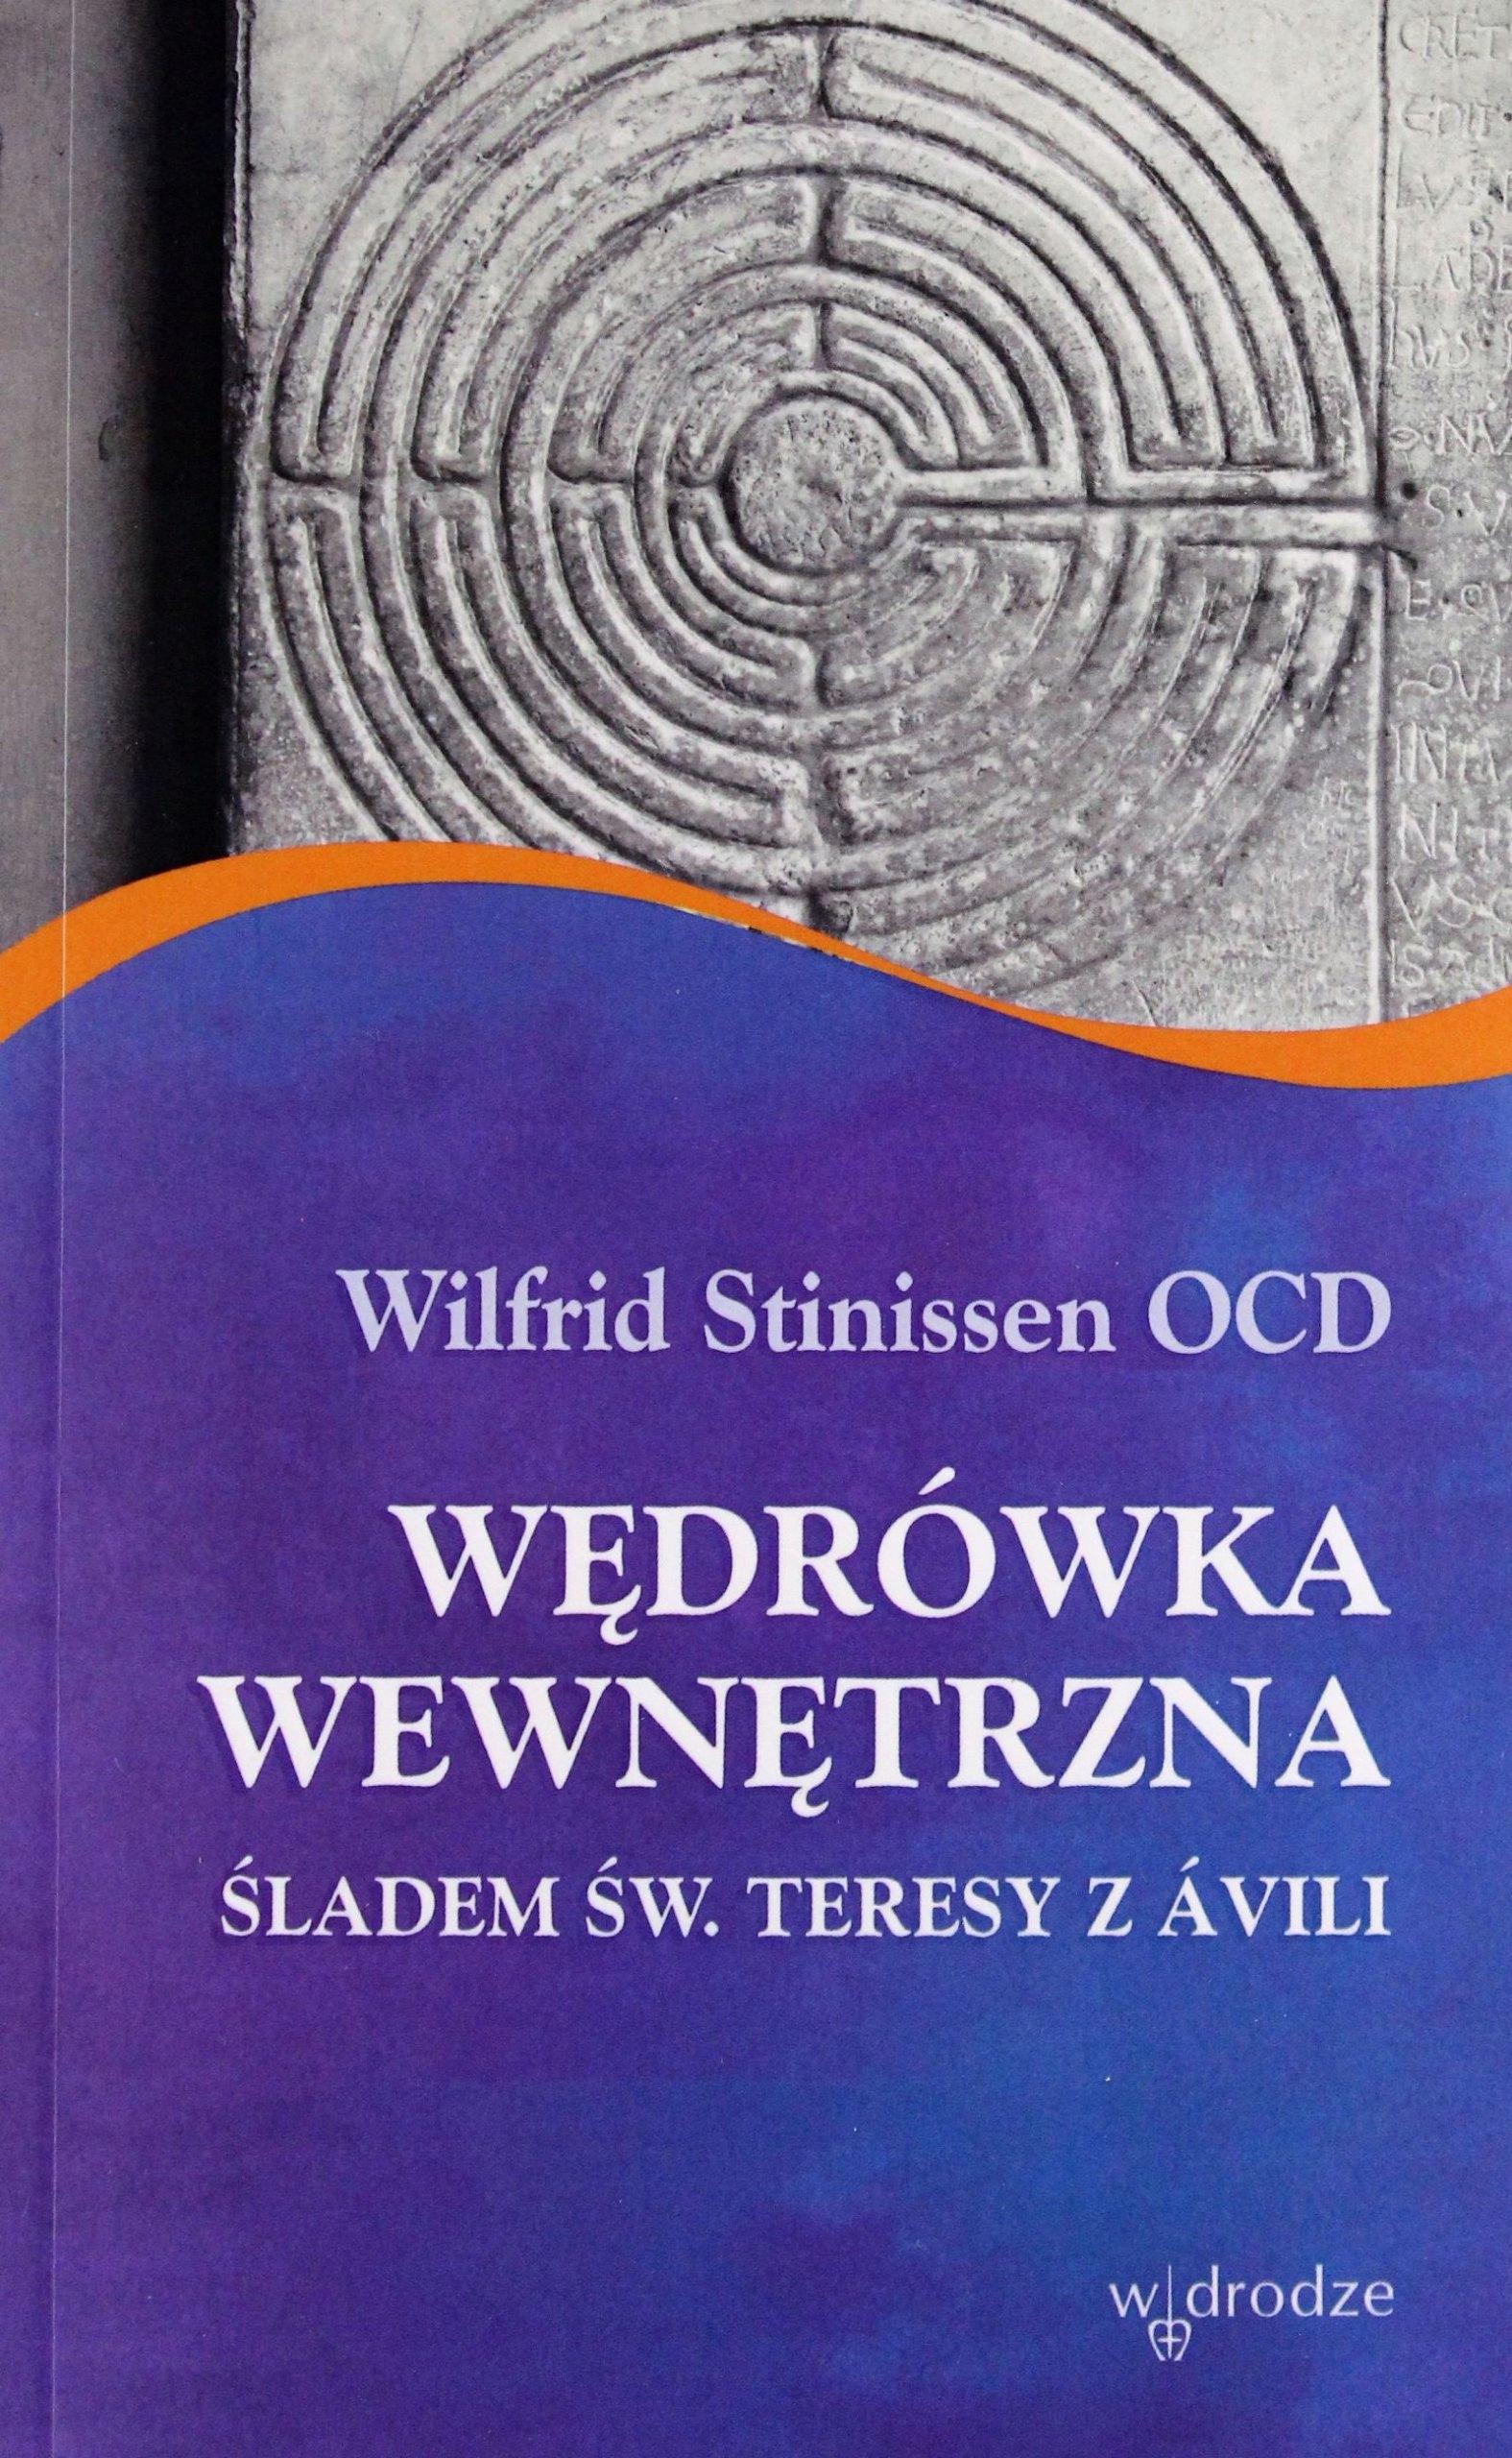 Wedrowka Wewnetrzna Sladem Sw Teresy Z Av 6995780319 Oficjalne